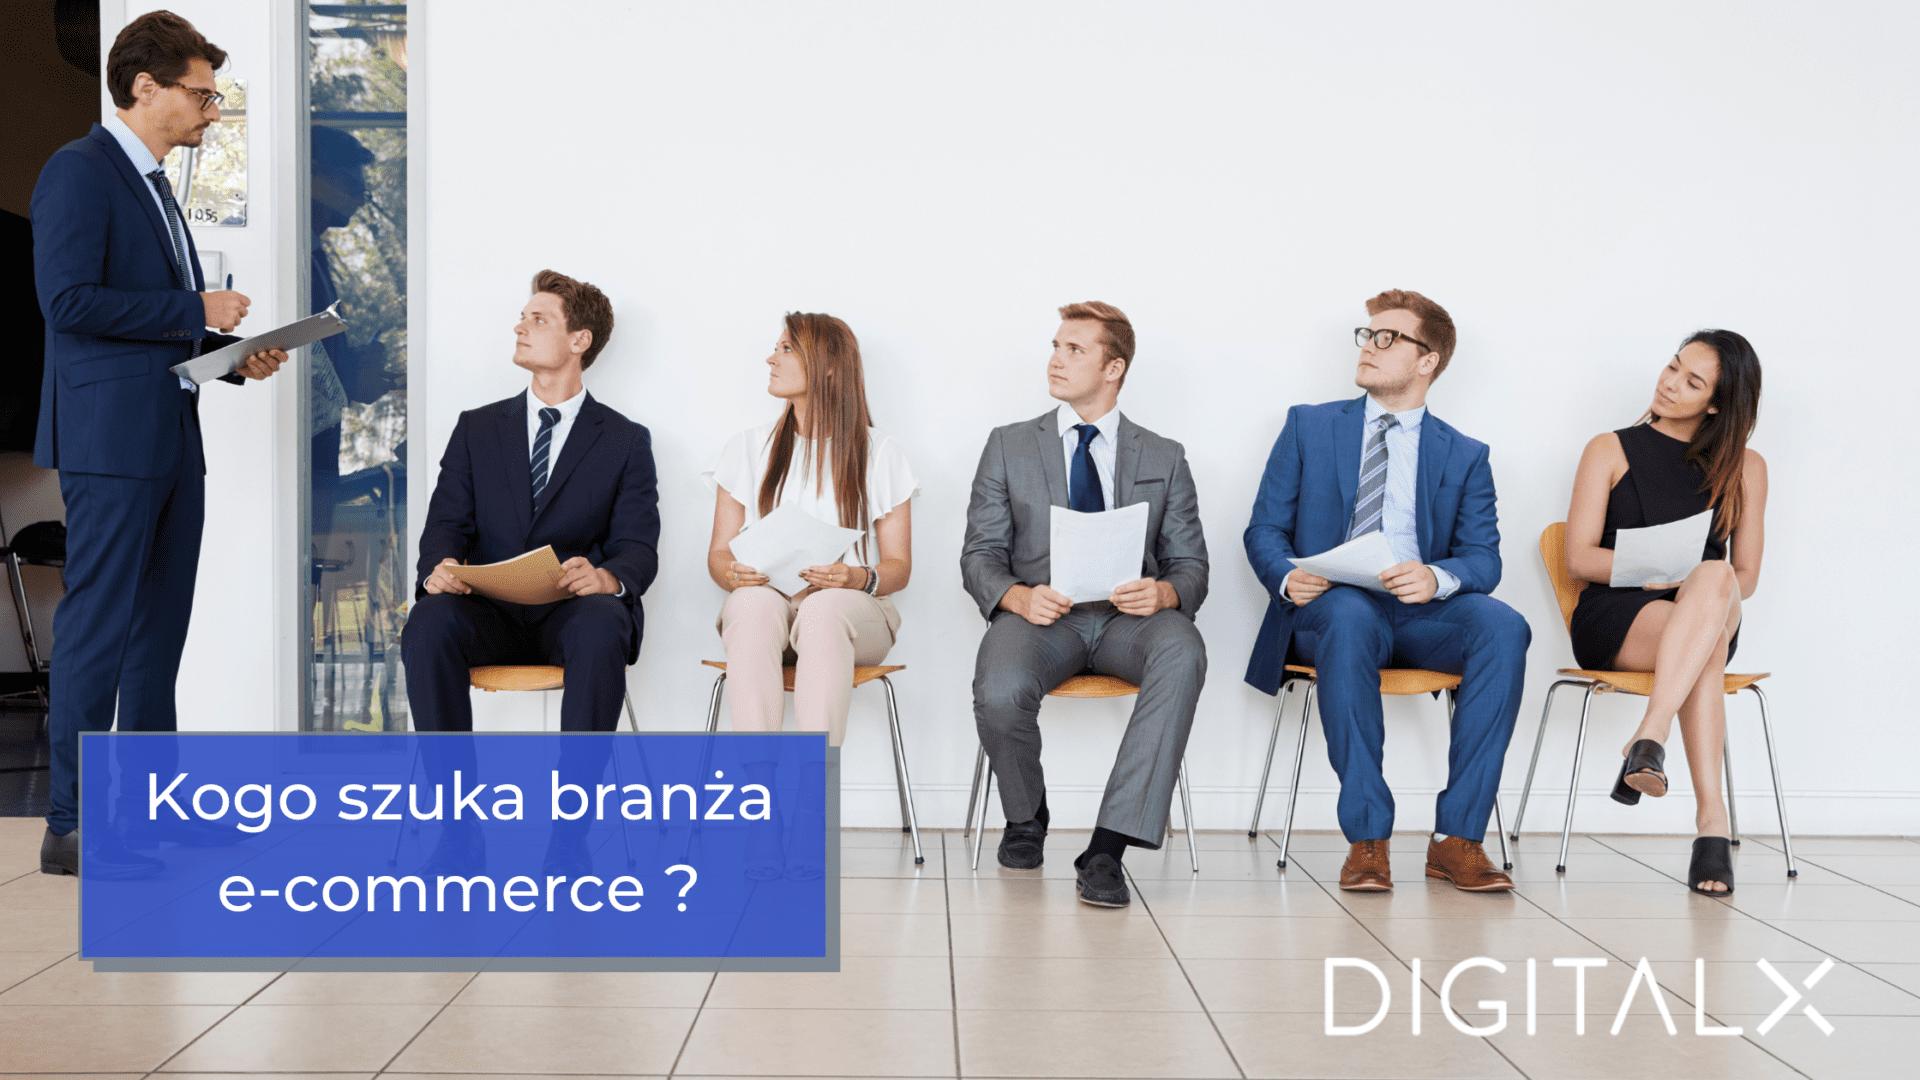 Kogo szuka branża e-commerce? TOP 5 najczęściej poszukiwanych specjalistów w obszarze Digital Marketingu